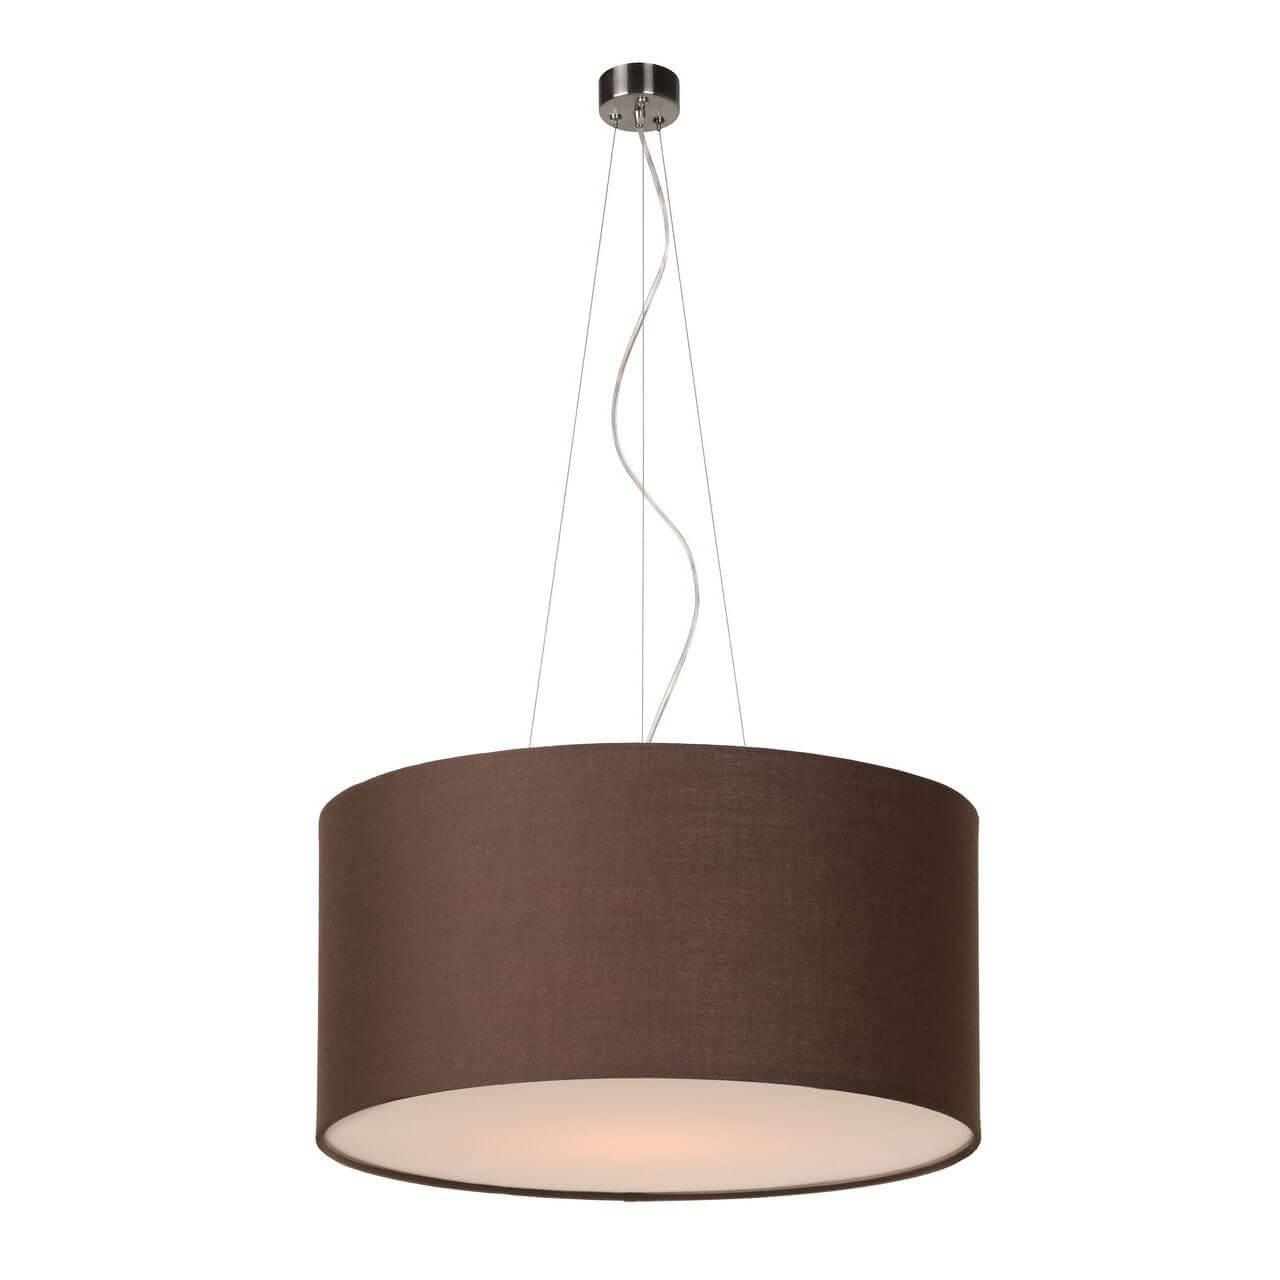 Подвесной светильник АртПром Crocus Glade S2 01 05 подвесной светильник артпром crocus glade s2 01 05